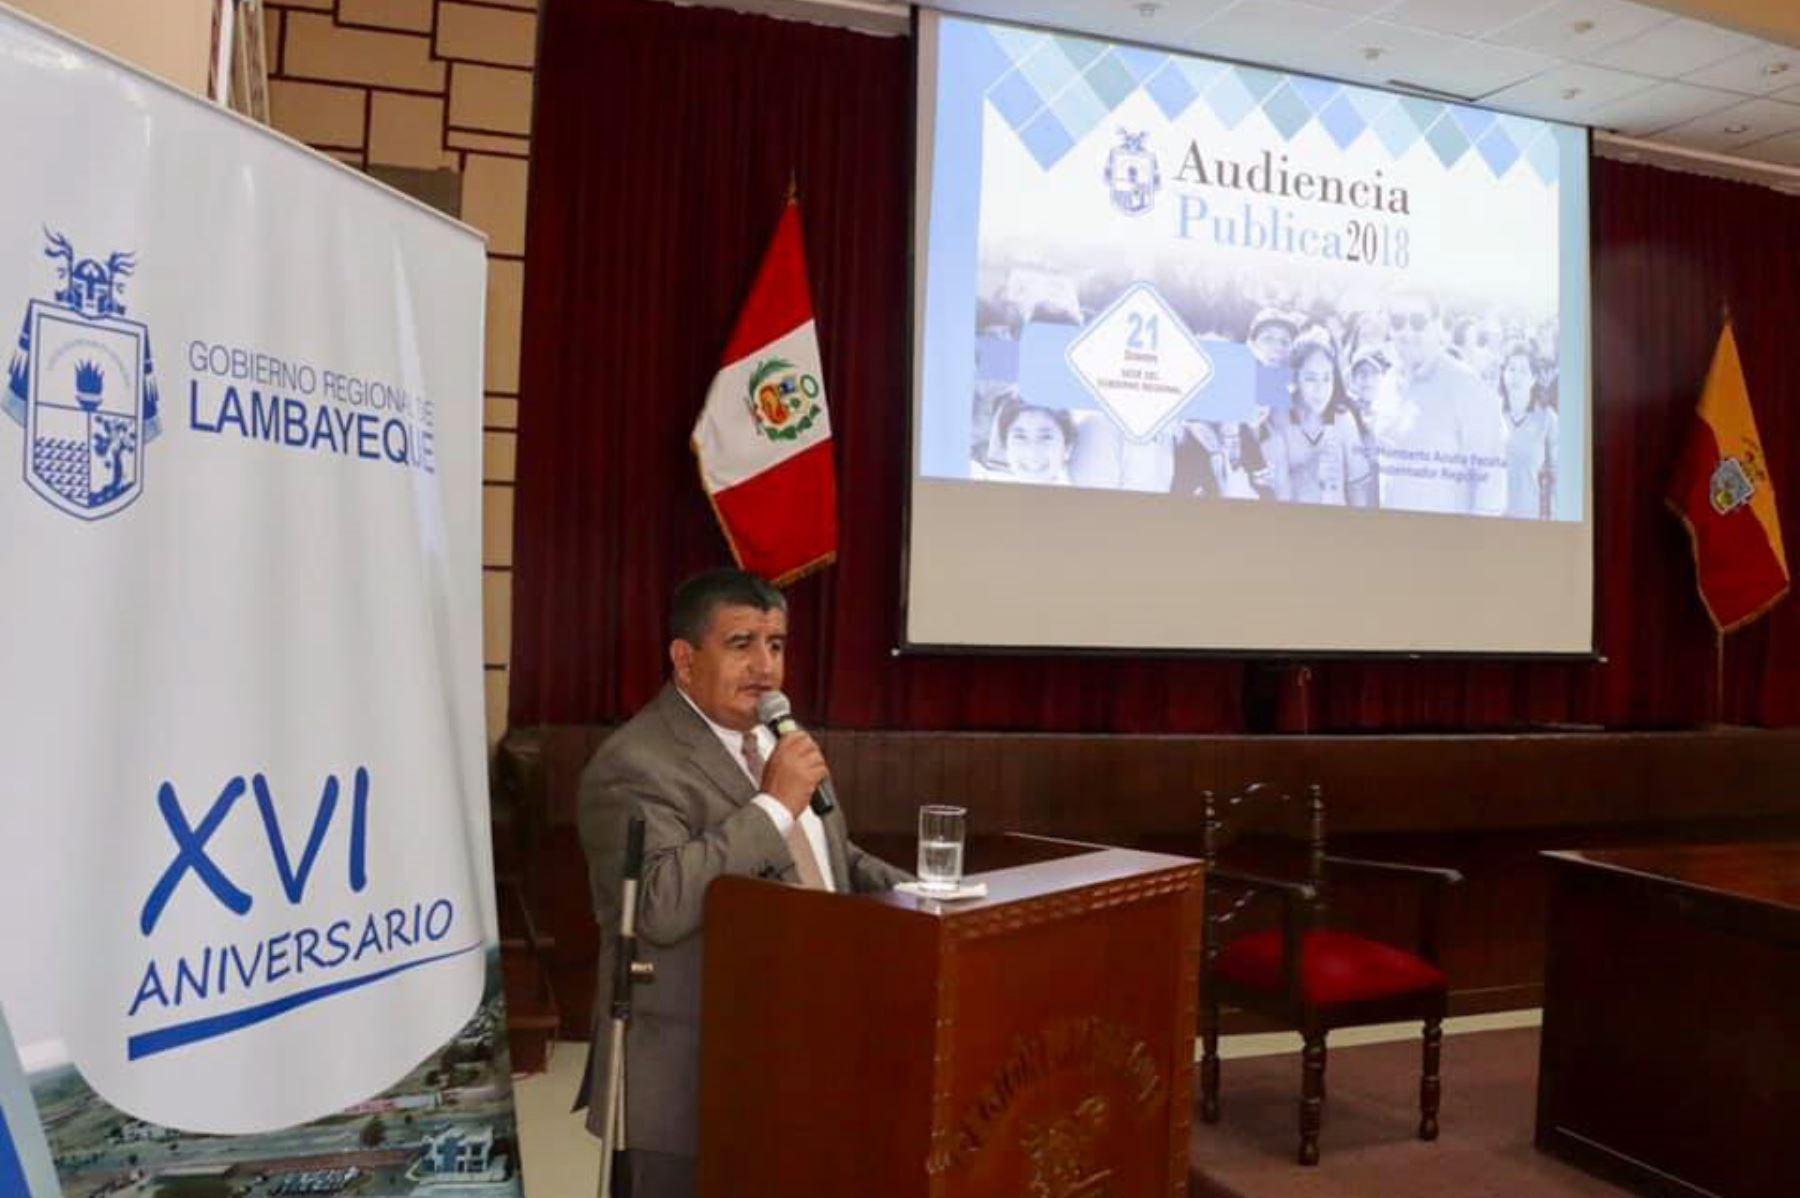 El gobernador regional de Lambayeque, Humberto Acuña, ofreció segunda y última audiencia pública regional de rendición de cuentas.